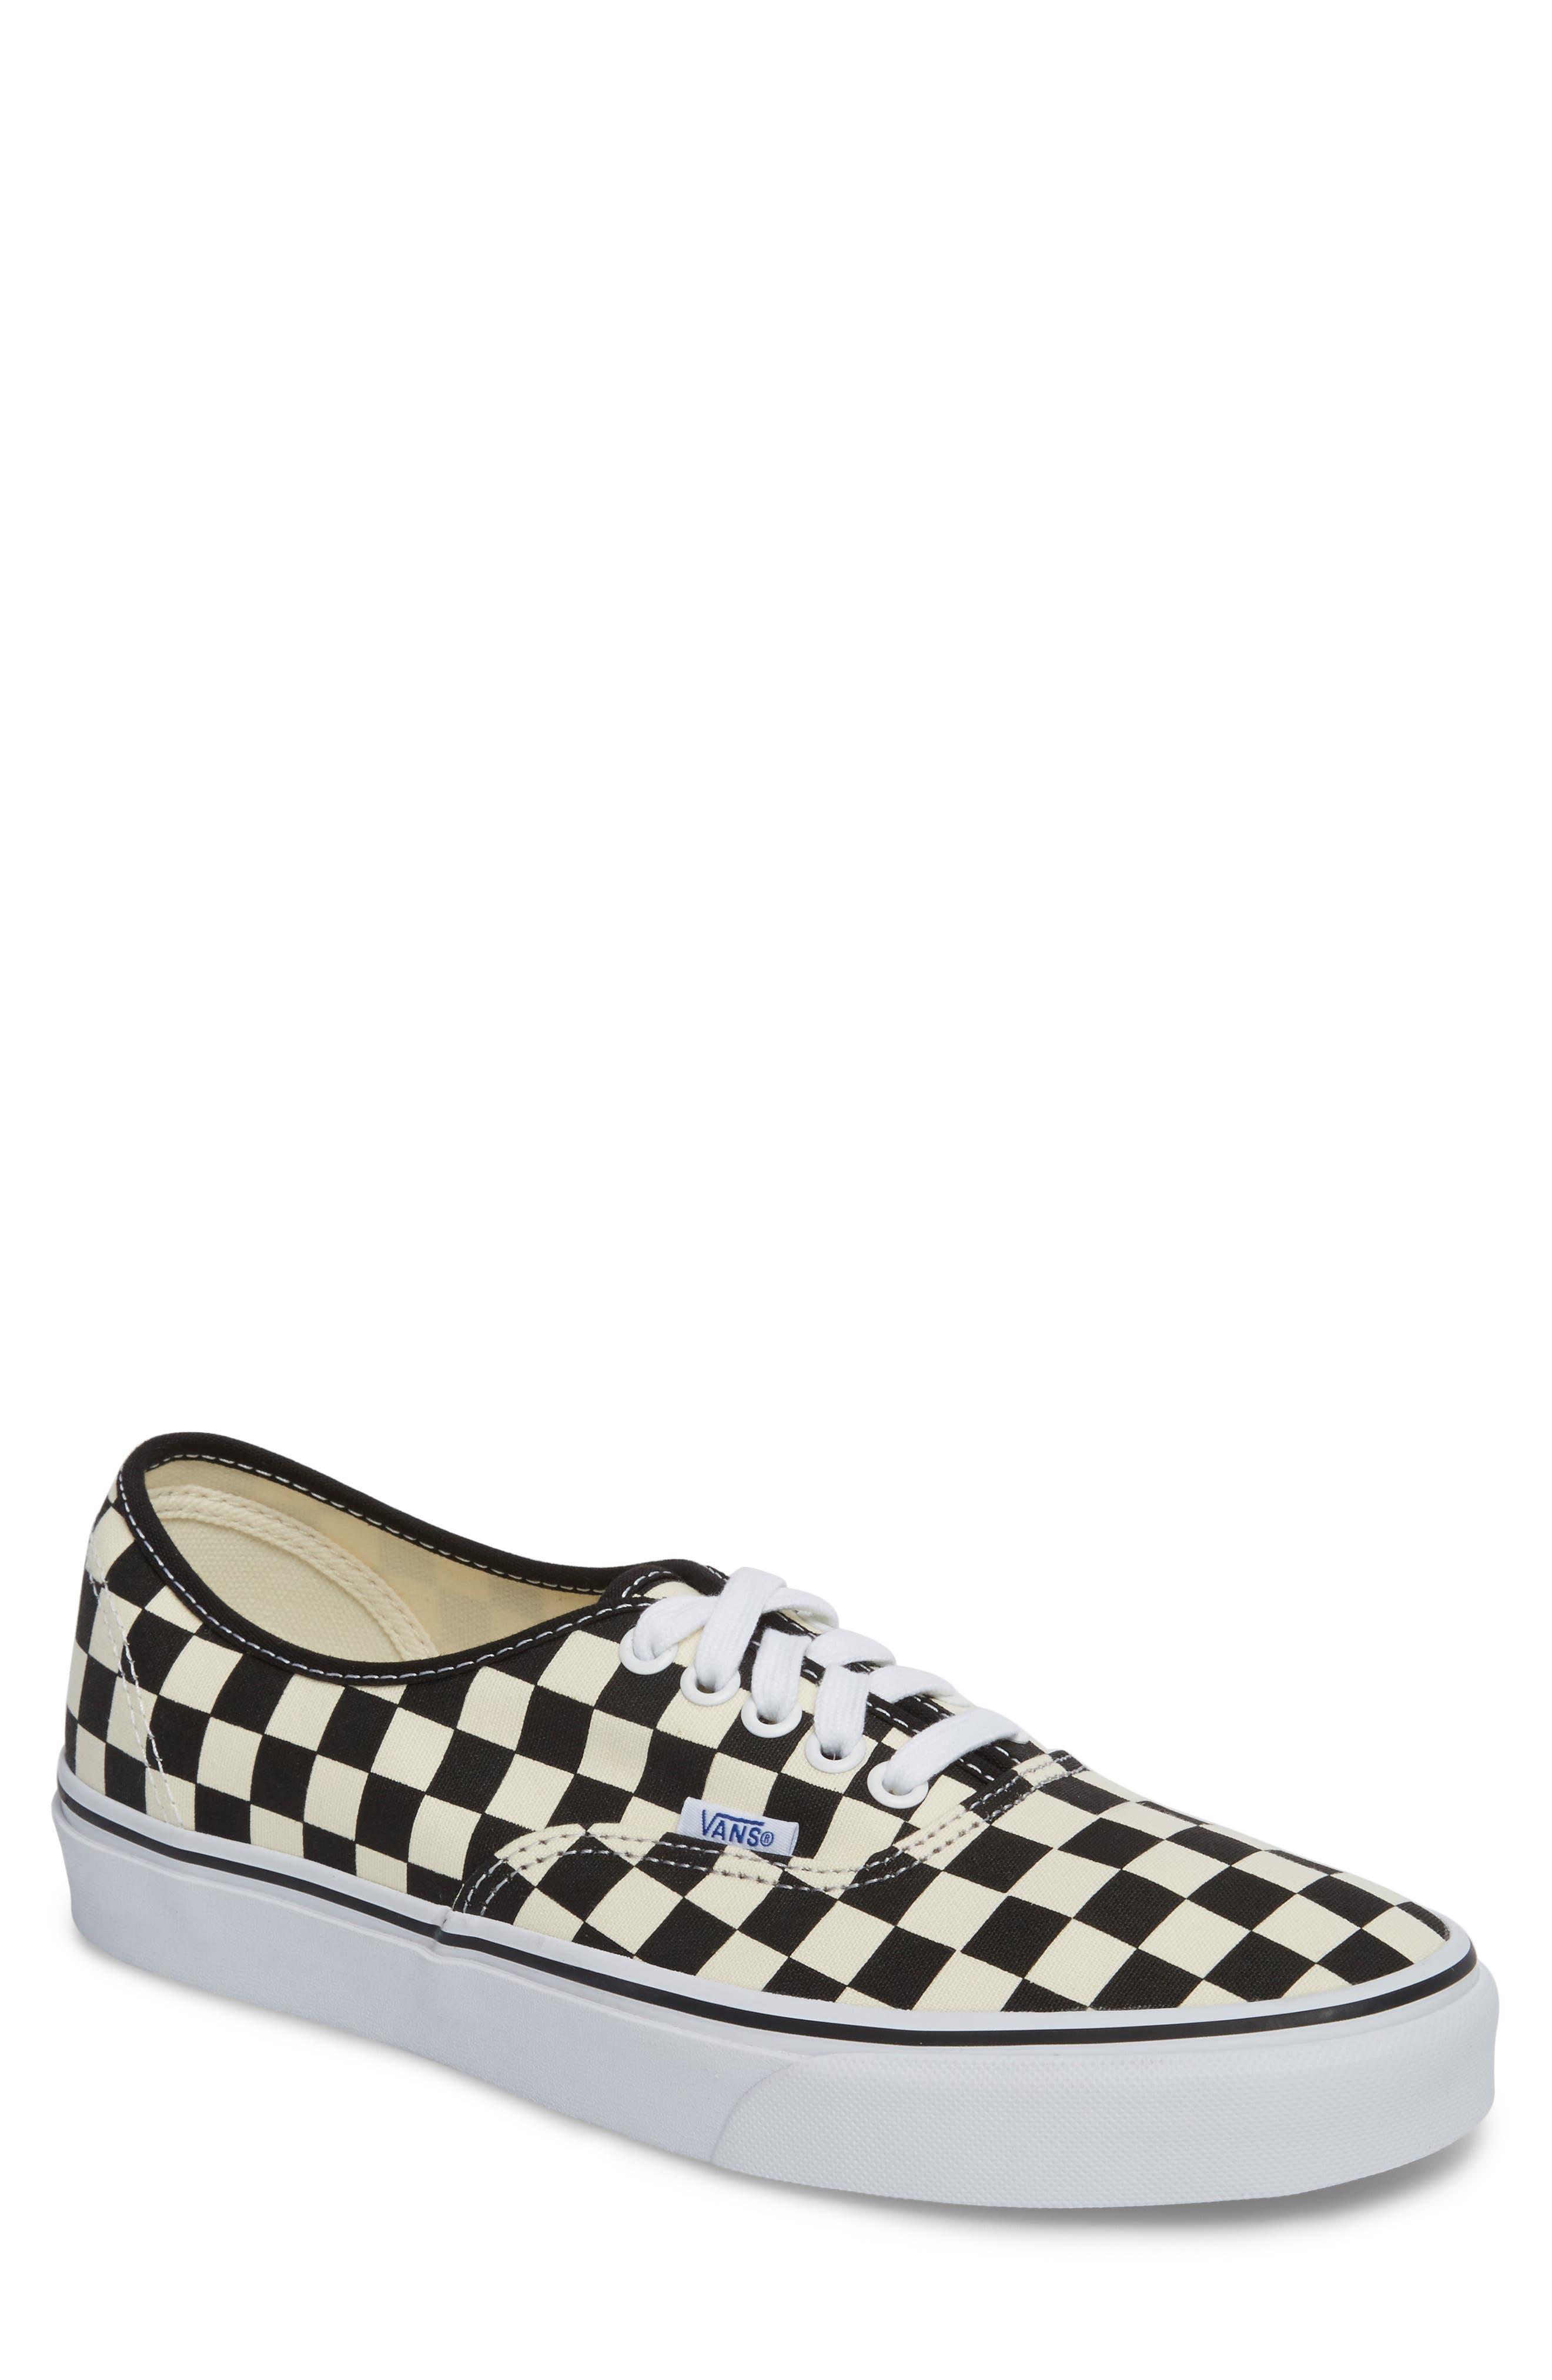 Authentic Golden Coast Sneaker,                         Main,                         color, Black/ White Checker